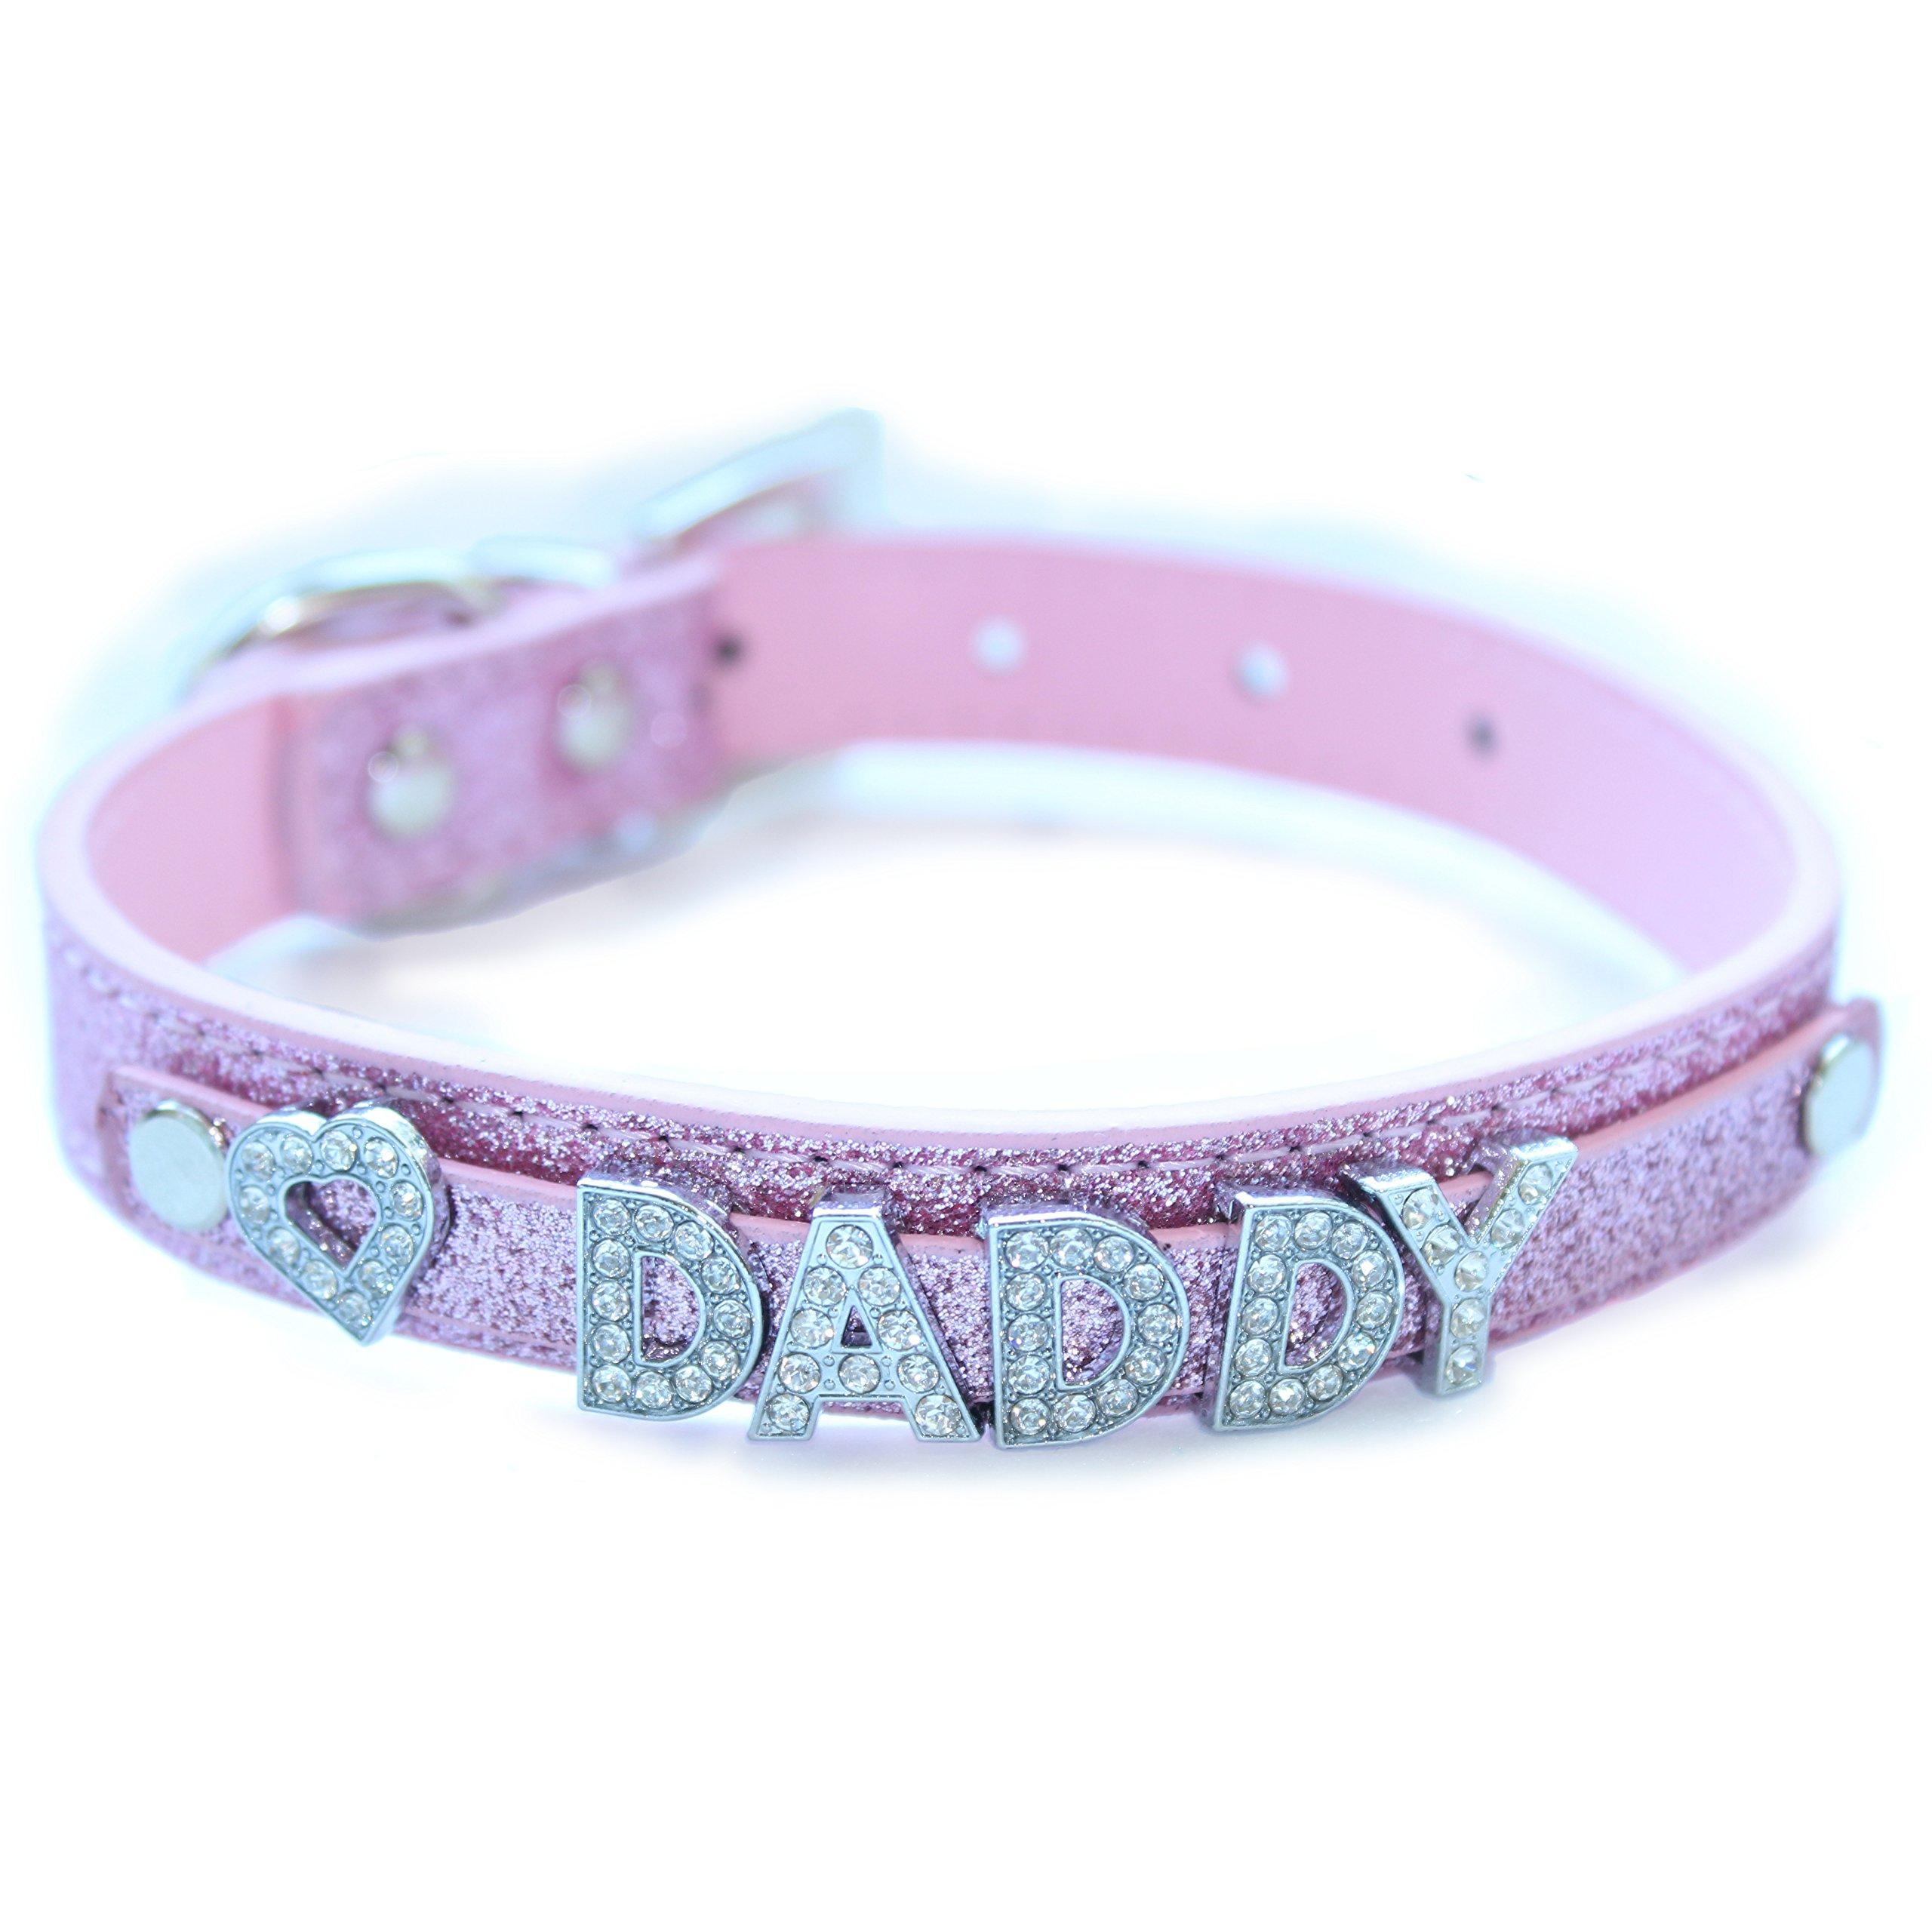 Baby Kayxx Daddy Dom DDLG Collar (Pink Glitter)